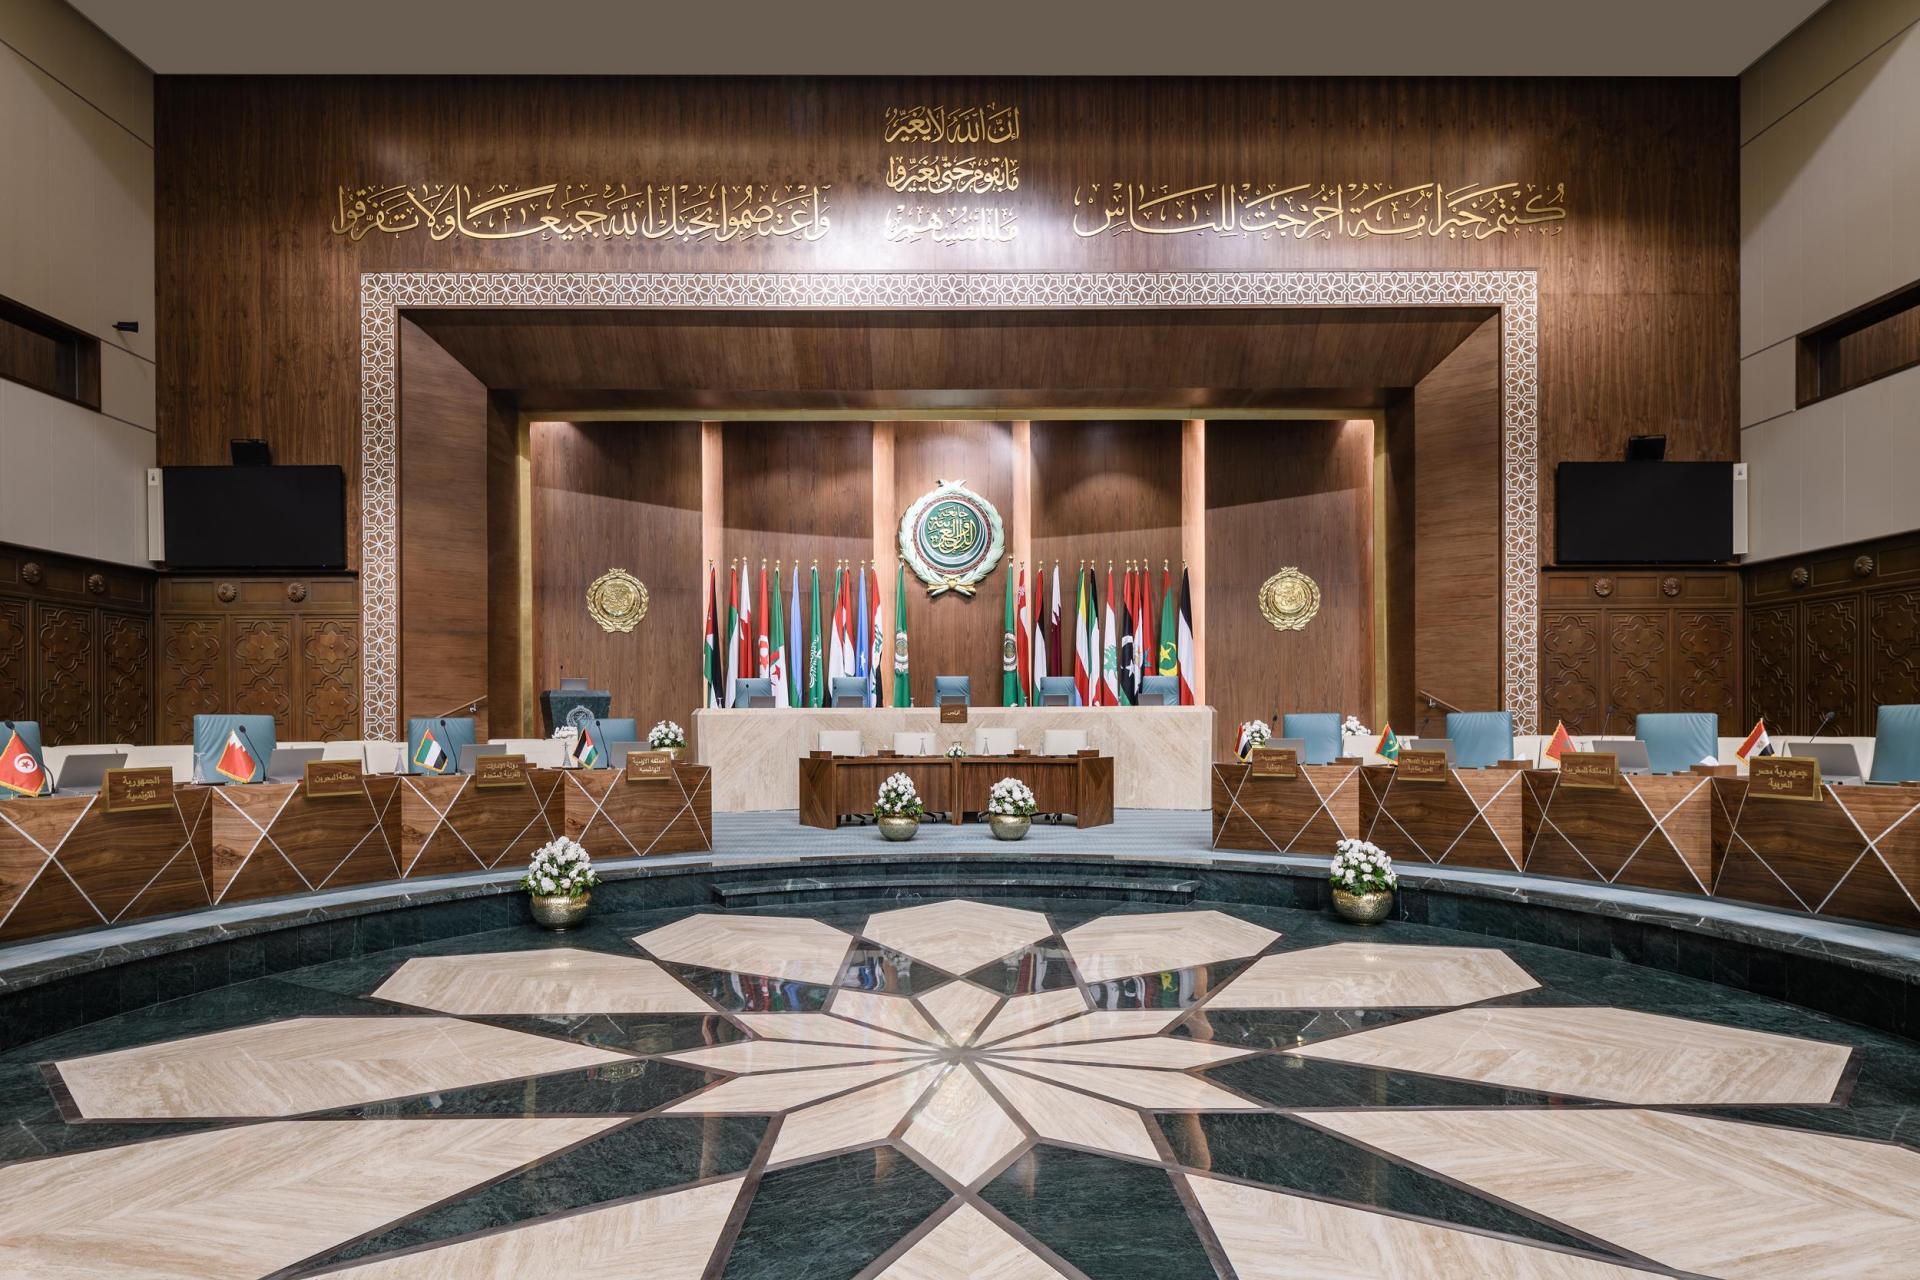 Nada-Debs_Arab_League_designalive-23